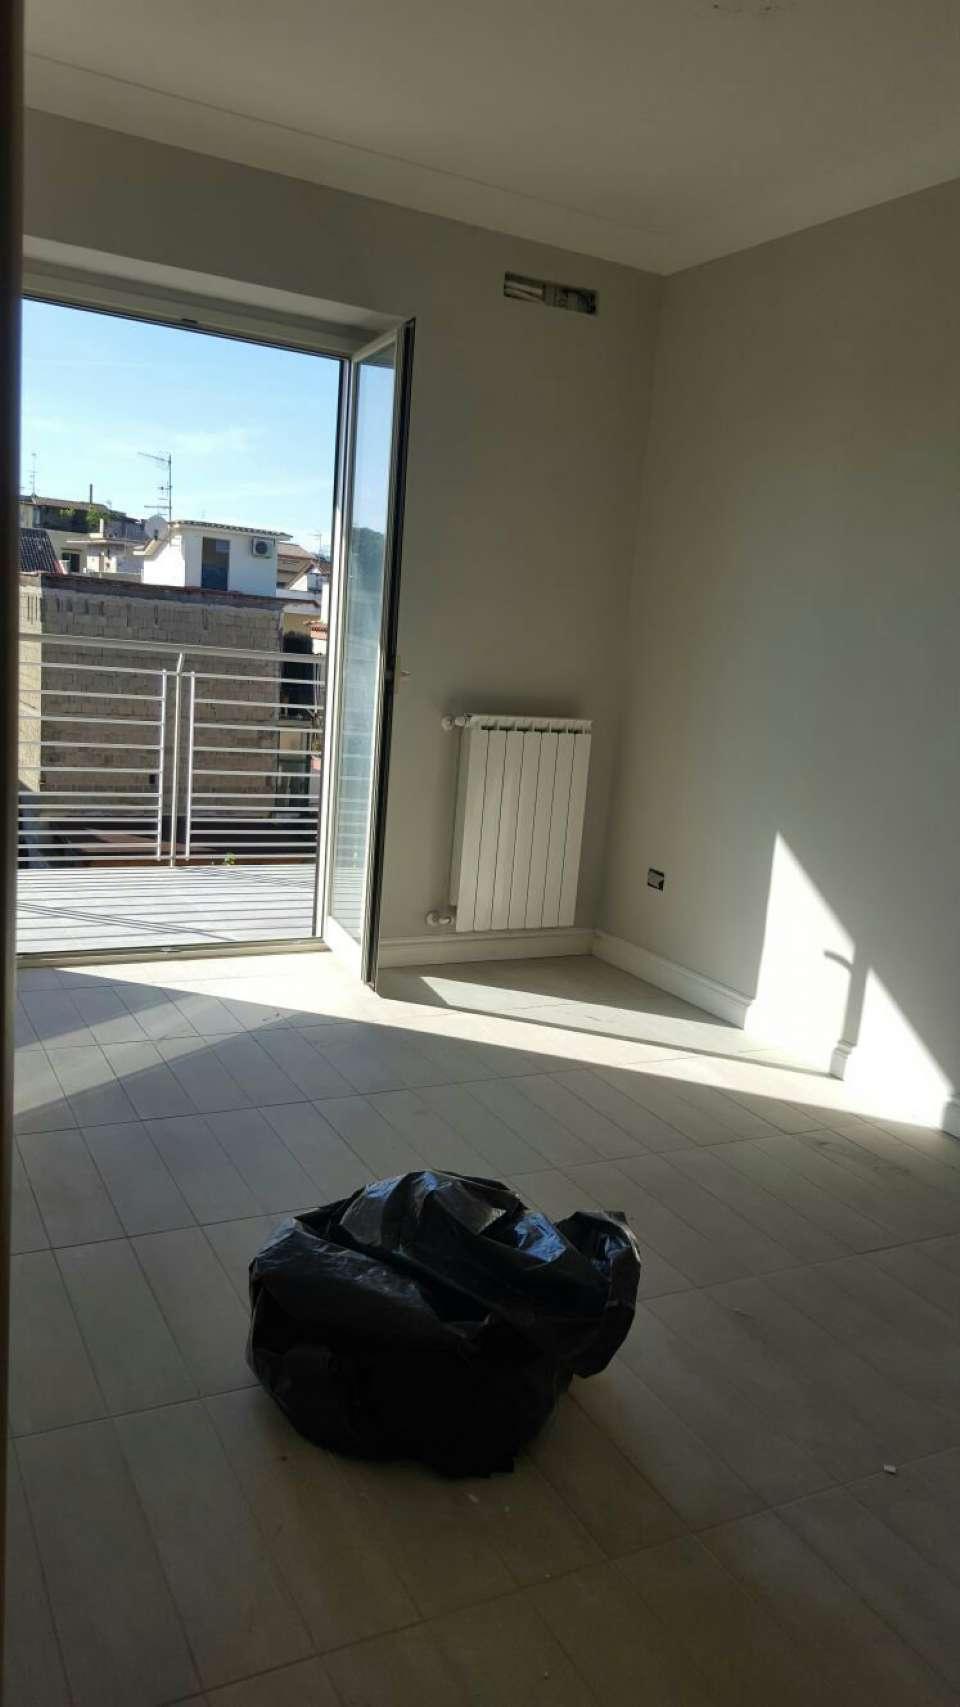 Appartamento in vendita a Villaricca, 6 locali, prezzo € 150.000 | Cambio Casa.it